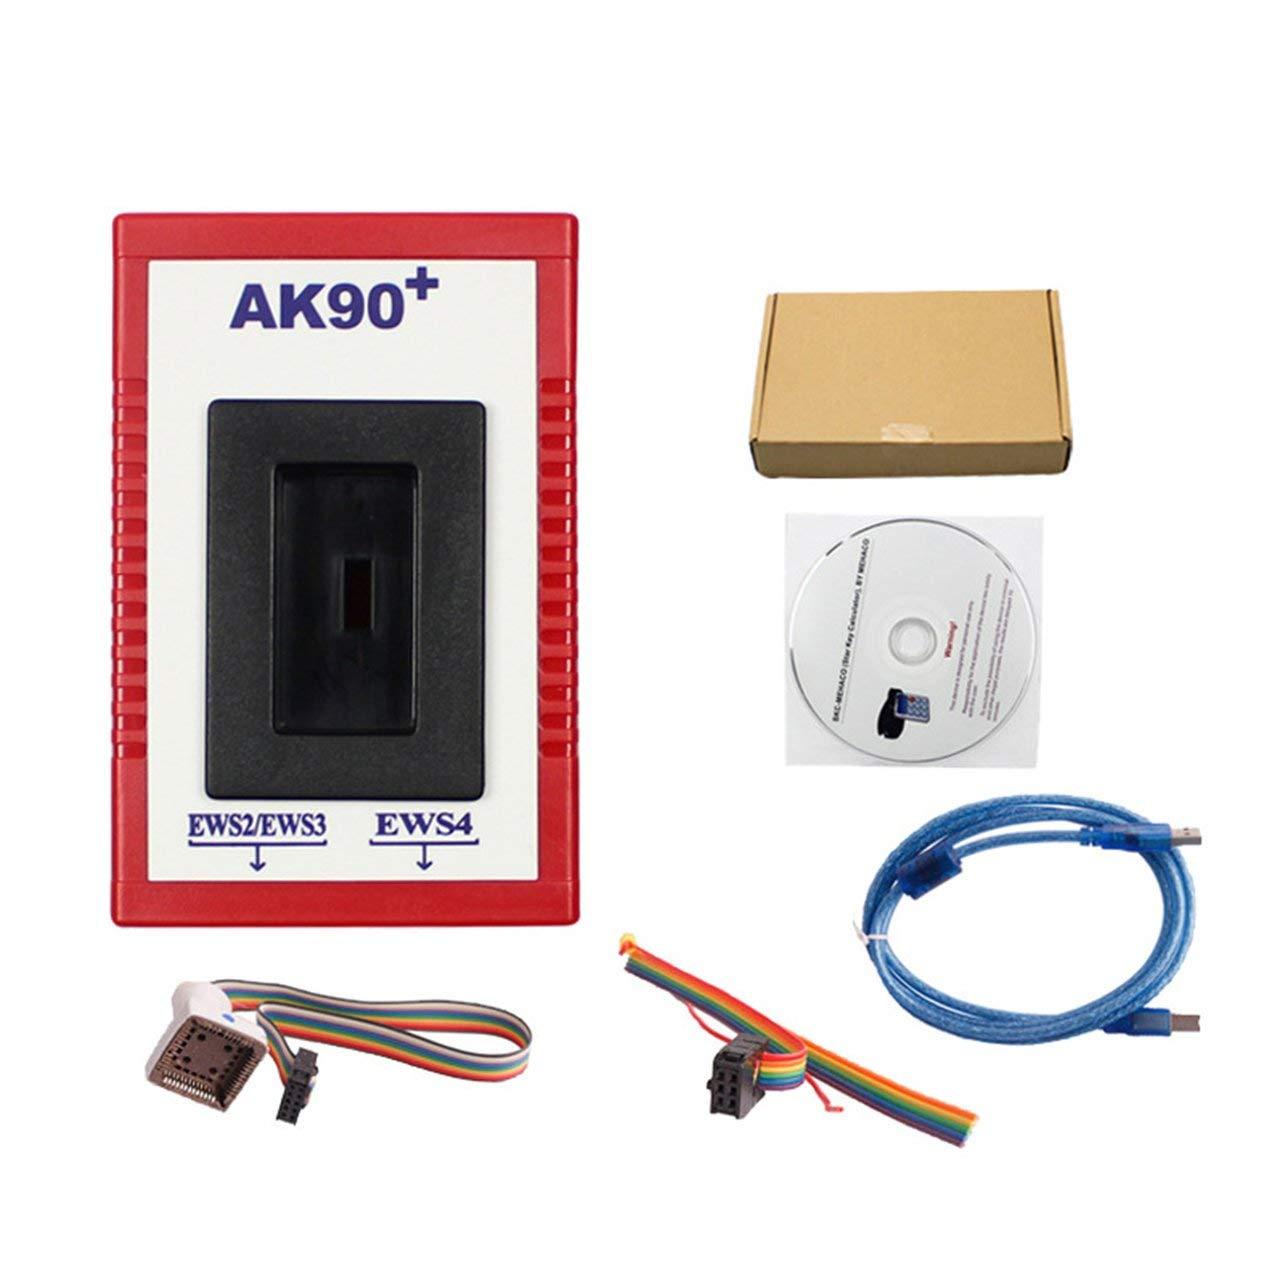 WOSOSYEYO Professional AK90 Auto Car Key Programmer for BMW EWS AK90 with Cable Key Programming Kit Identifying Keys